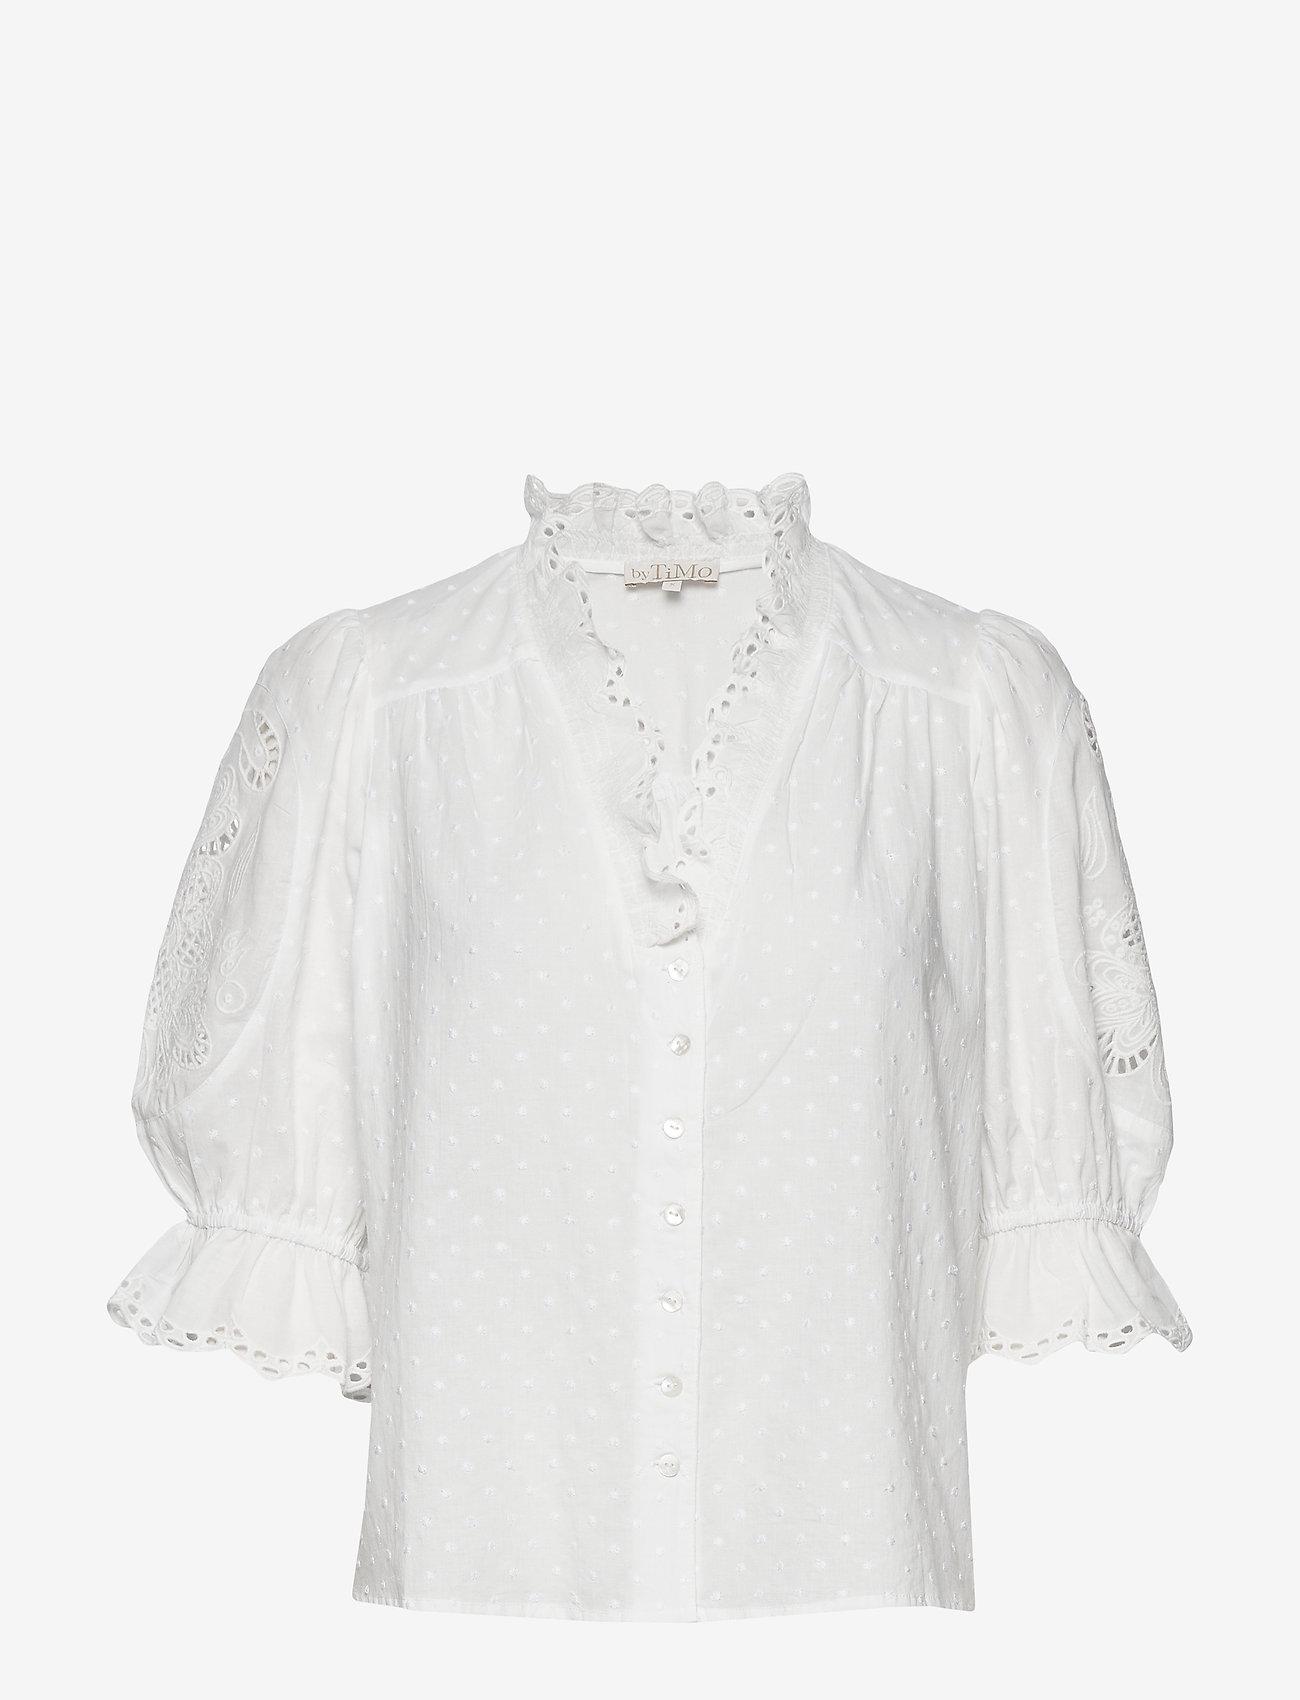 Sunday Morning Shirt (White) - by Ti Mo THkvGr